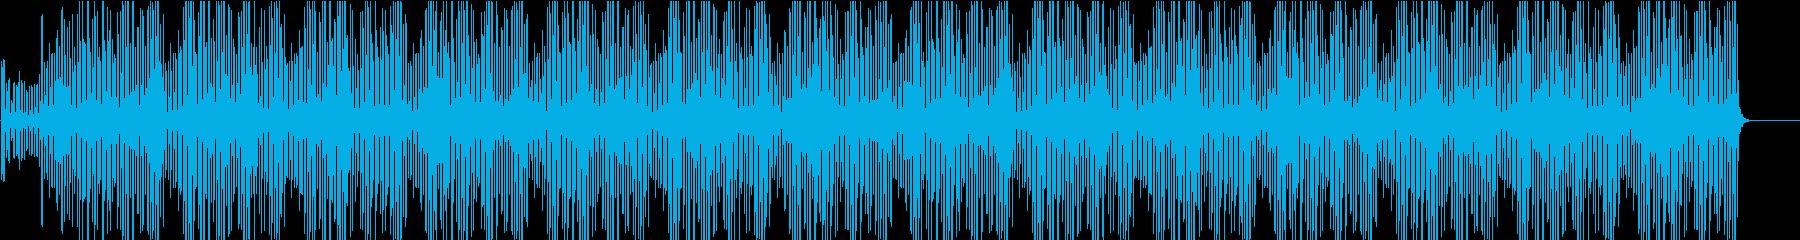 ミニマルなピアノBGM(WAV)の再生済みの波形